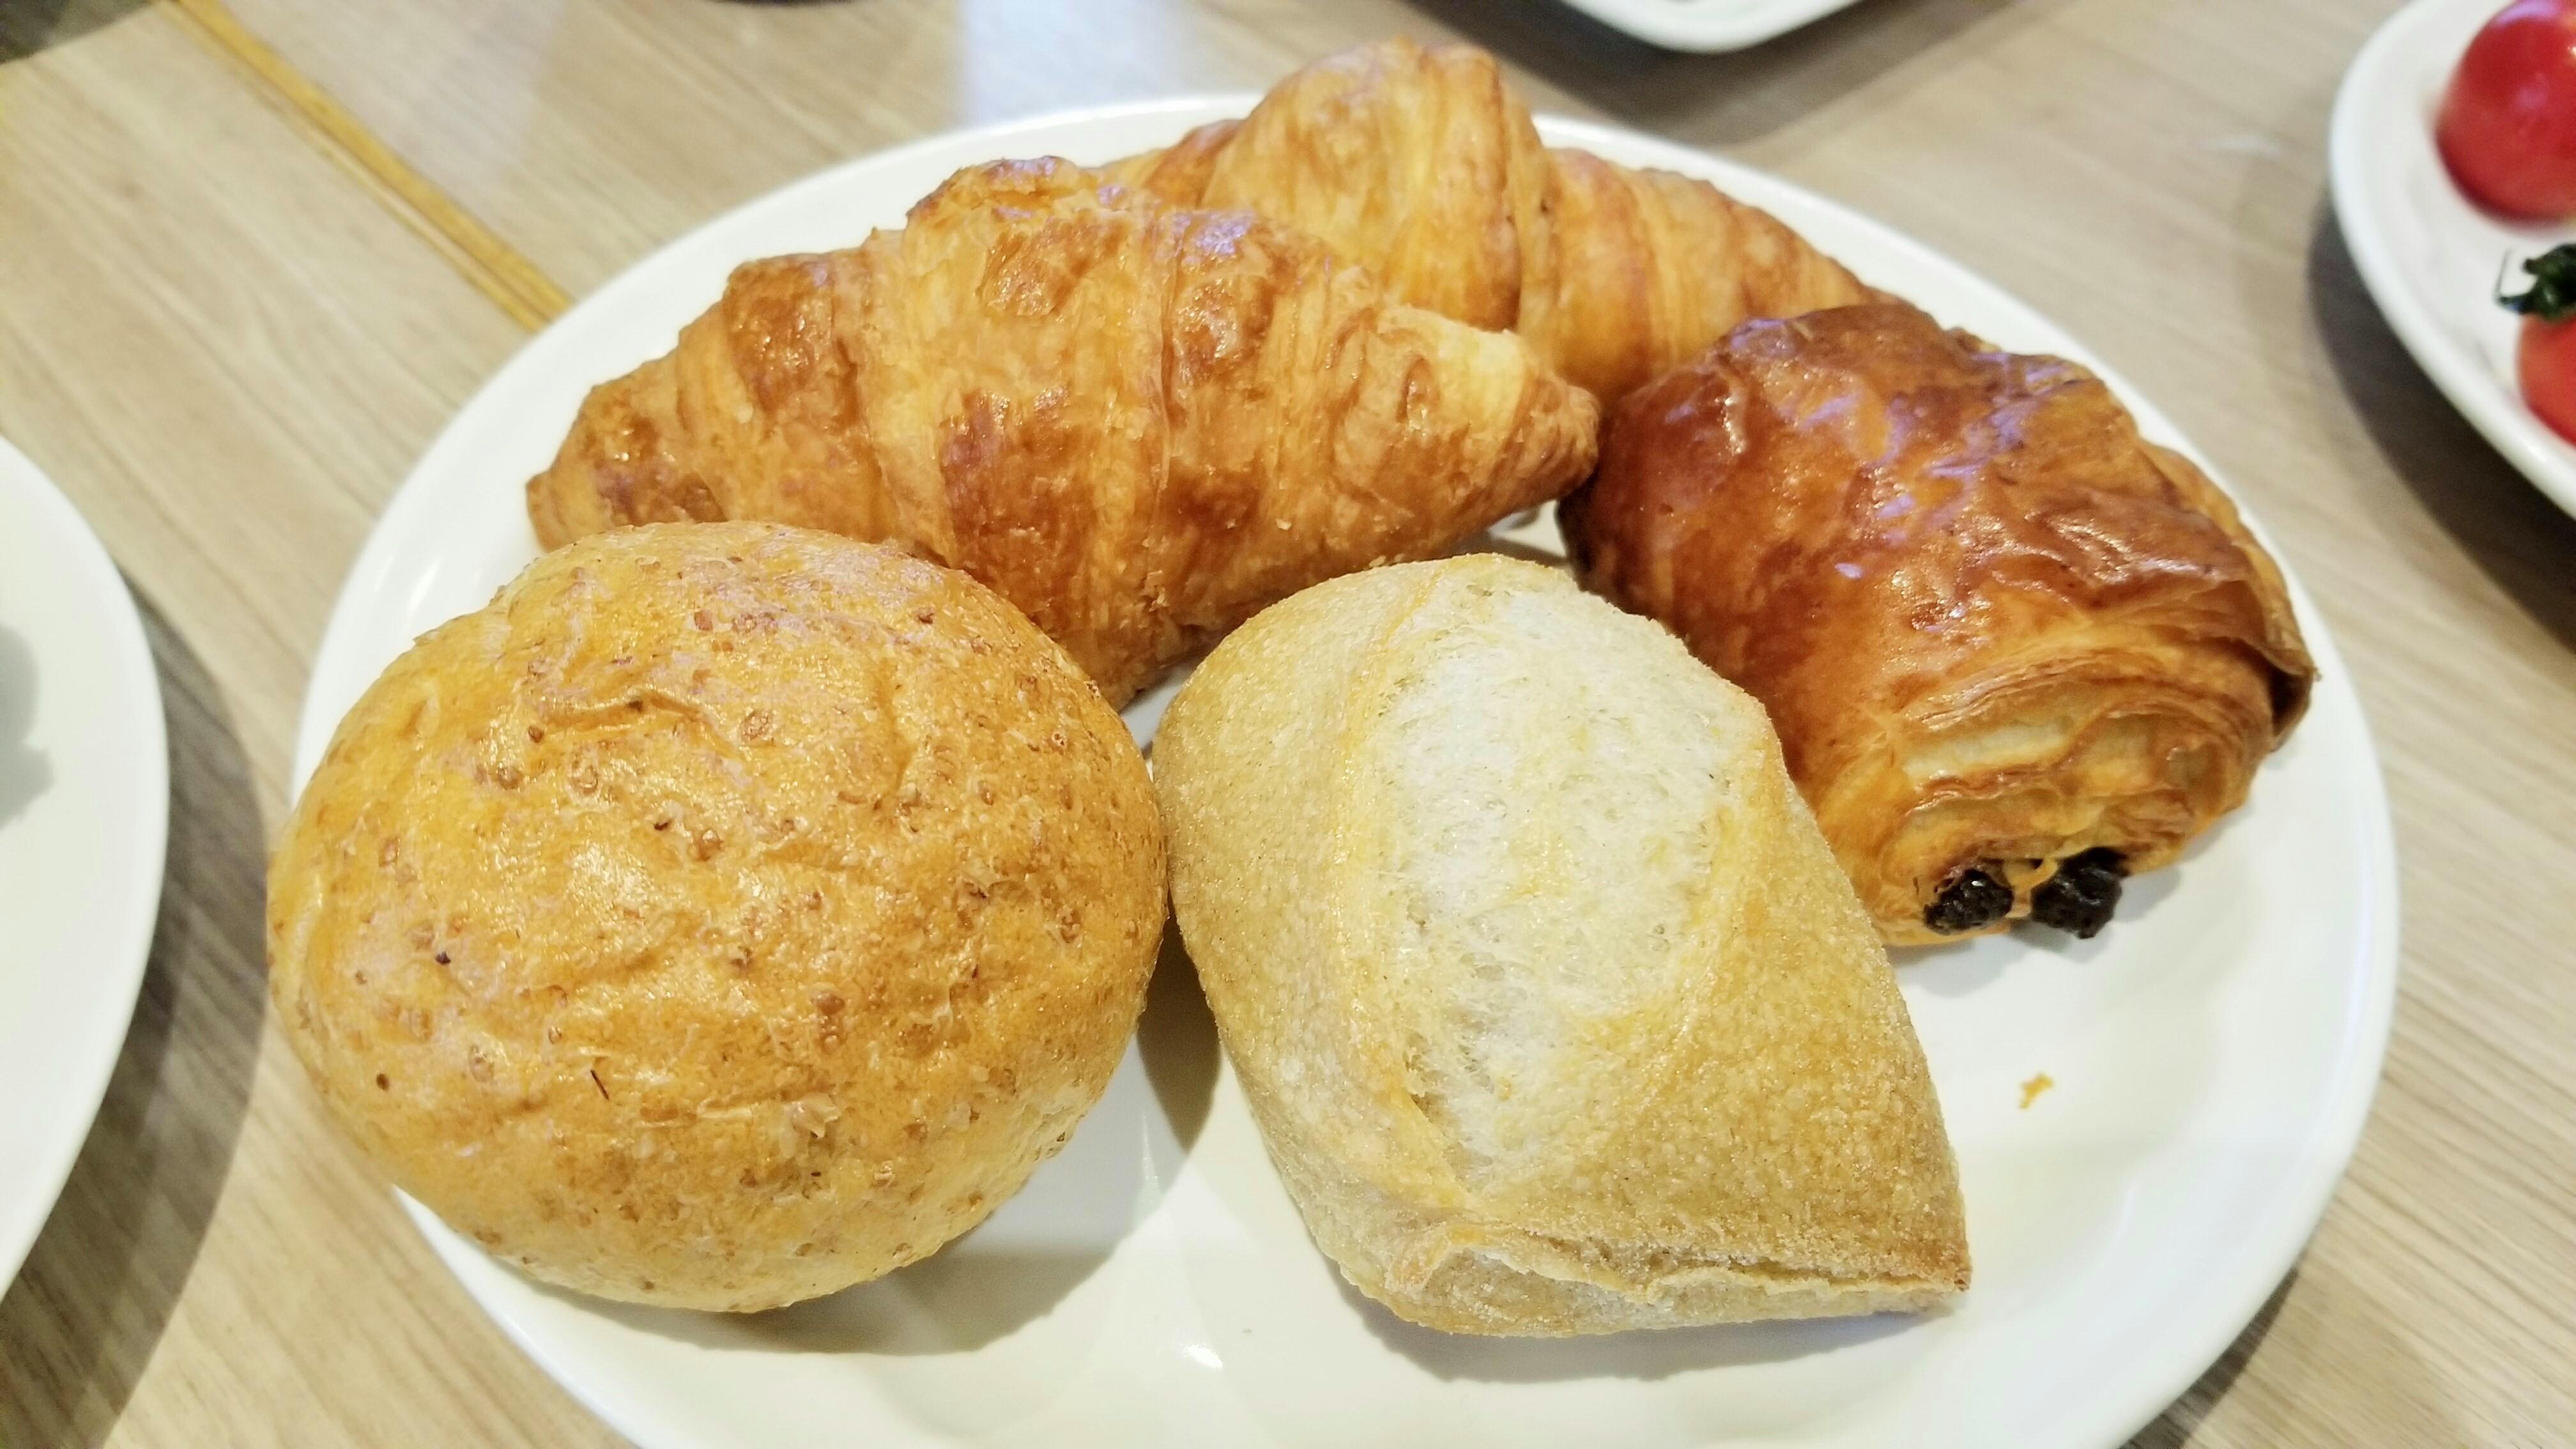 ホテルバイキングパン食べ放題愛媛口コミ美味しい松山市ランチ